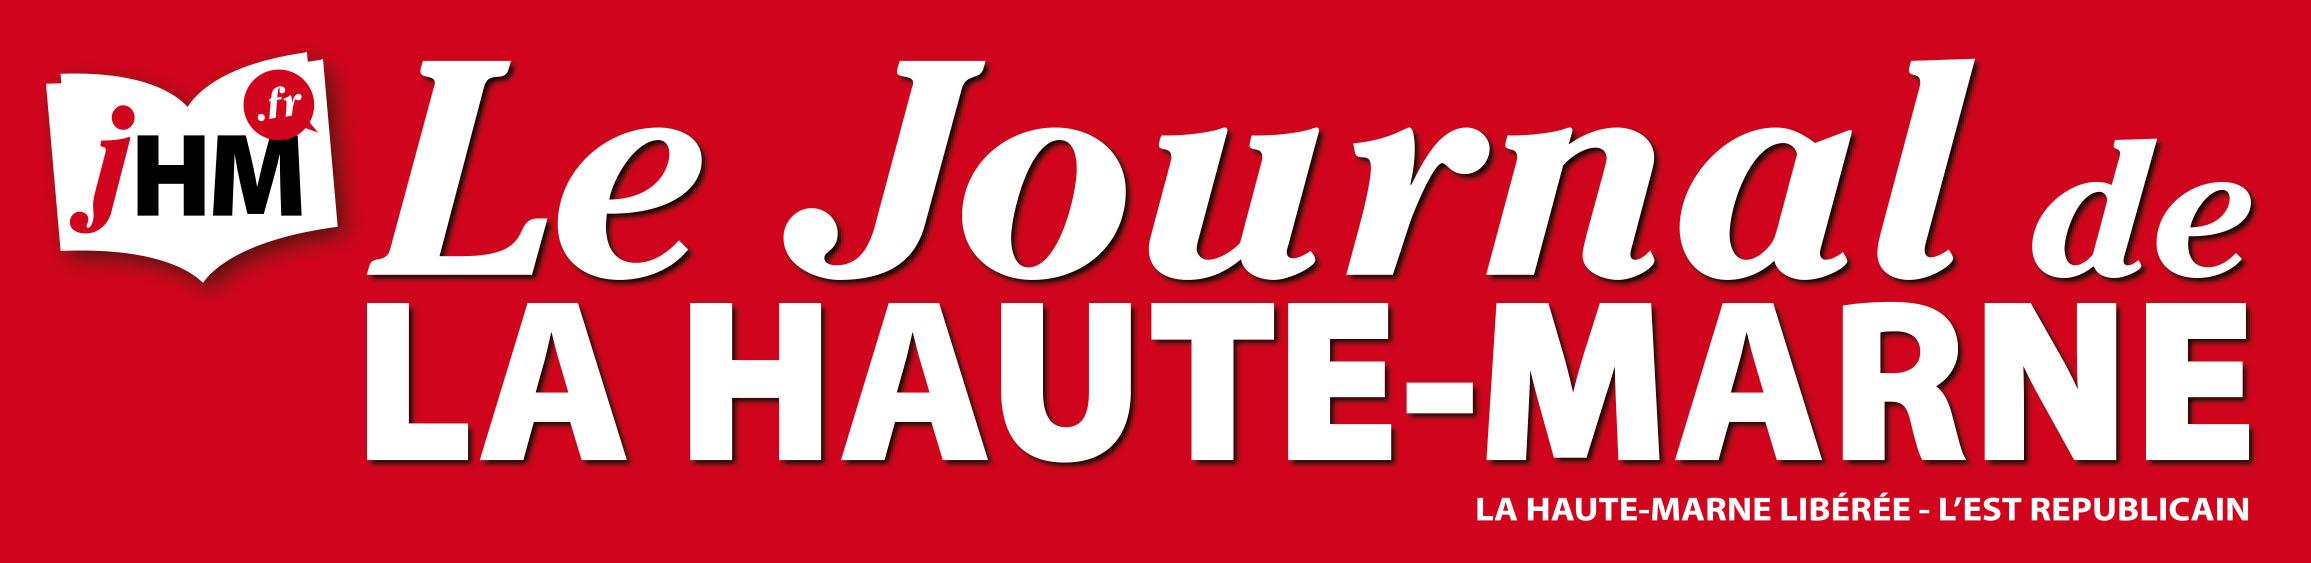 534_journal_de_la_hautemarne.jpg -